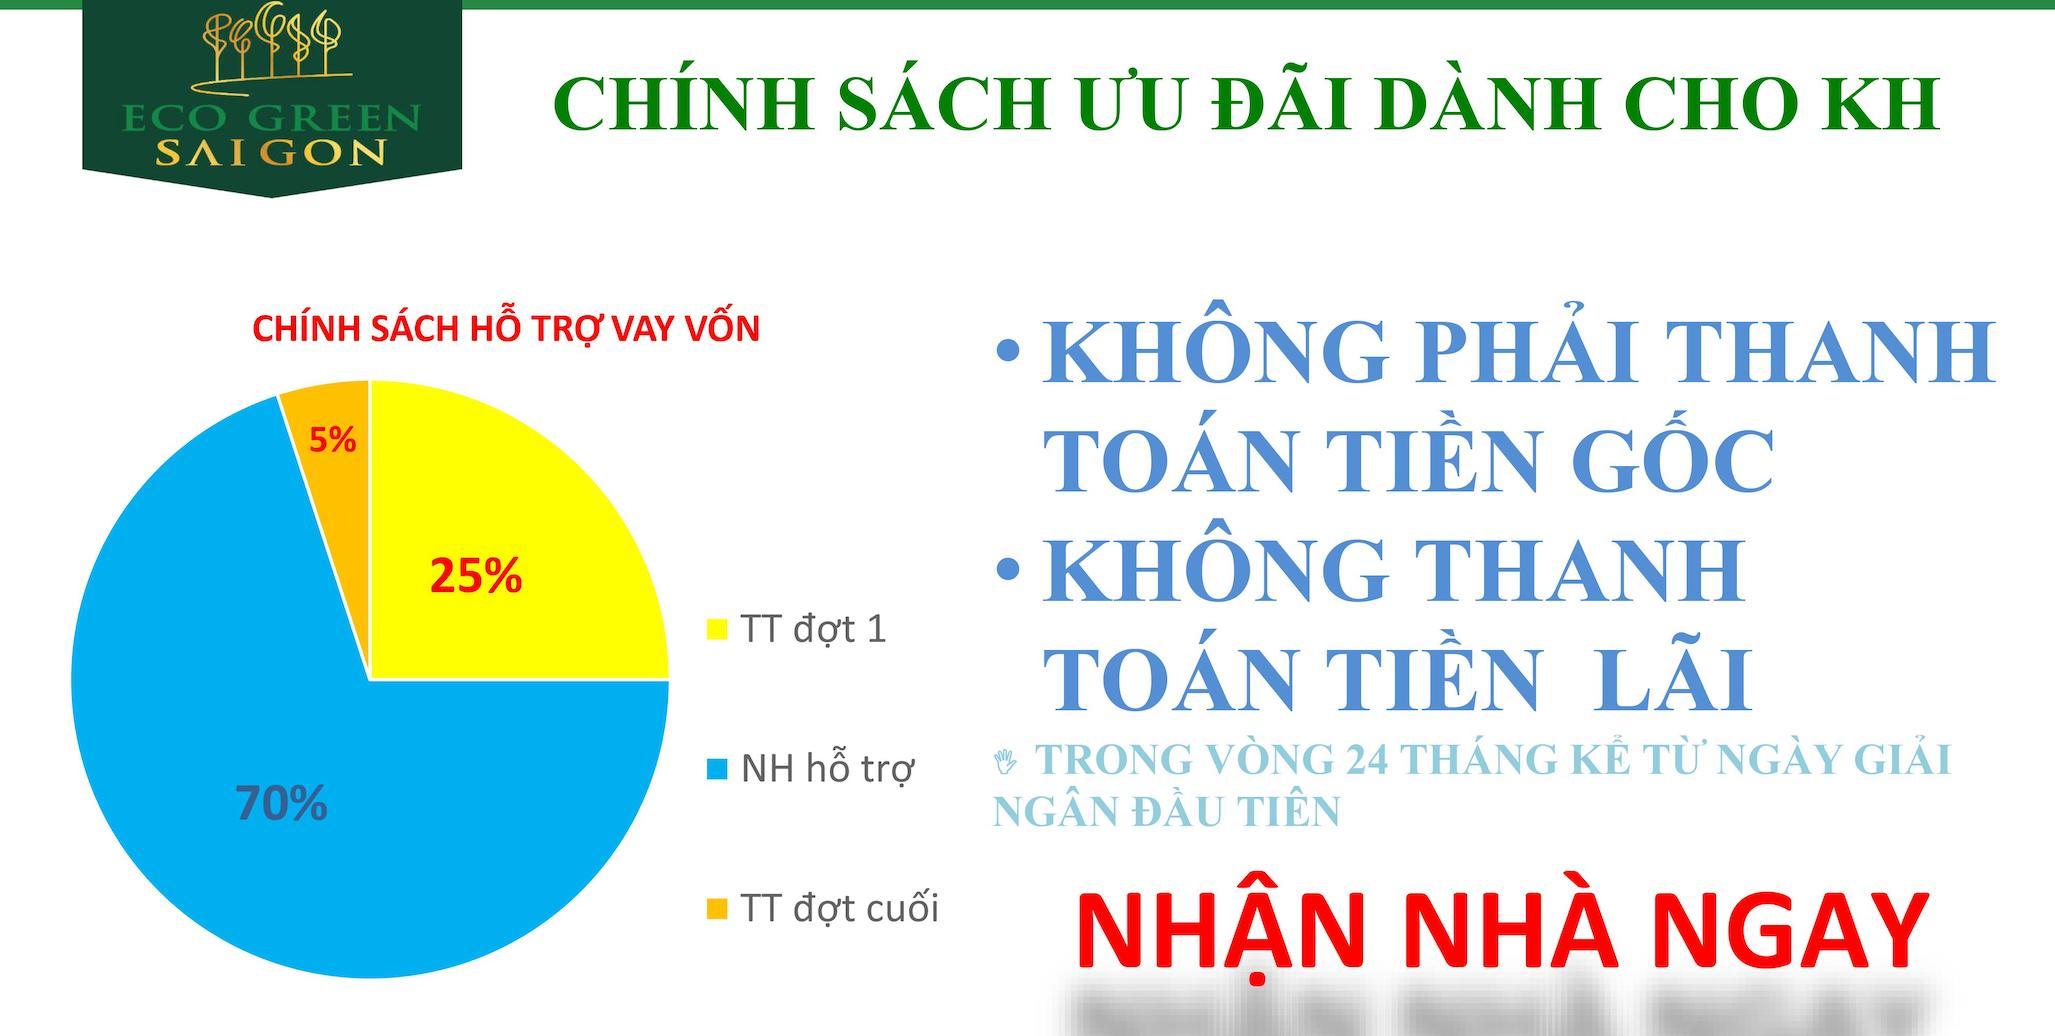 pttt-vay-ngan-hang-eco-green-saigon